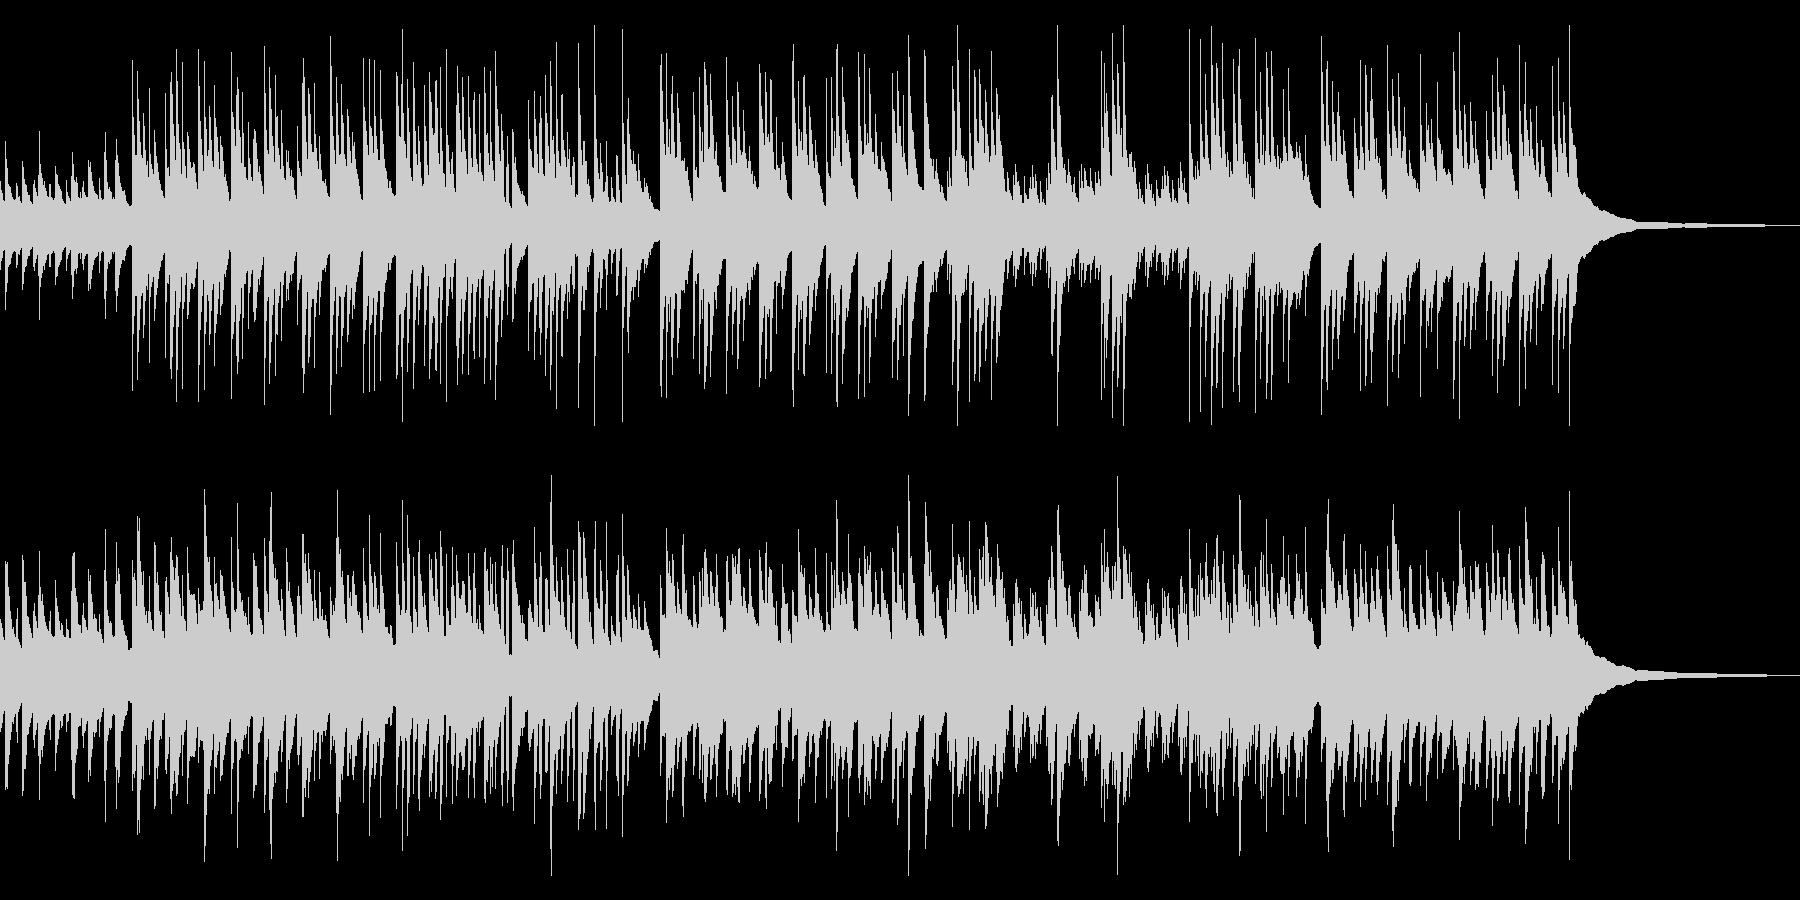 ギターデュオ/帰り道・ほのぼの・軽快の未再生の波形